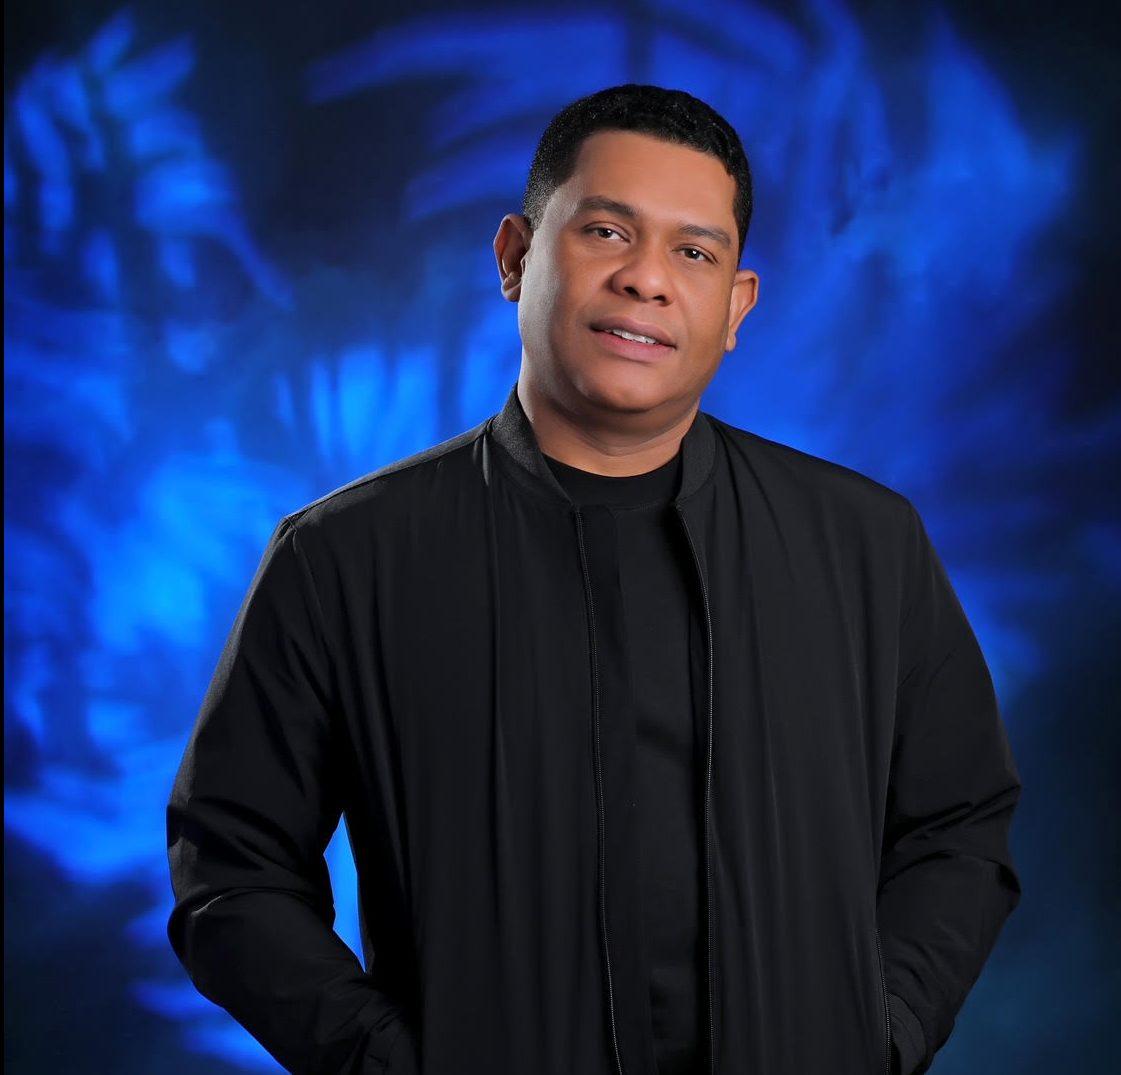 Omar Martí se luce en la escenografía de The Voice Dominicana.